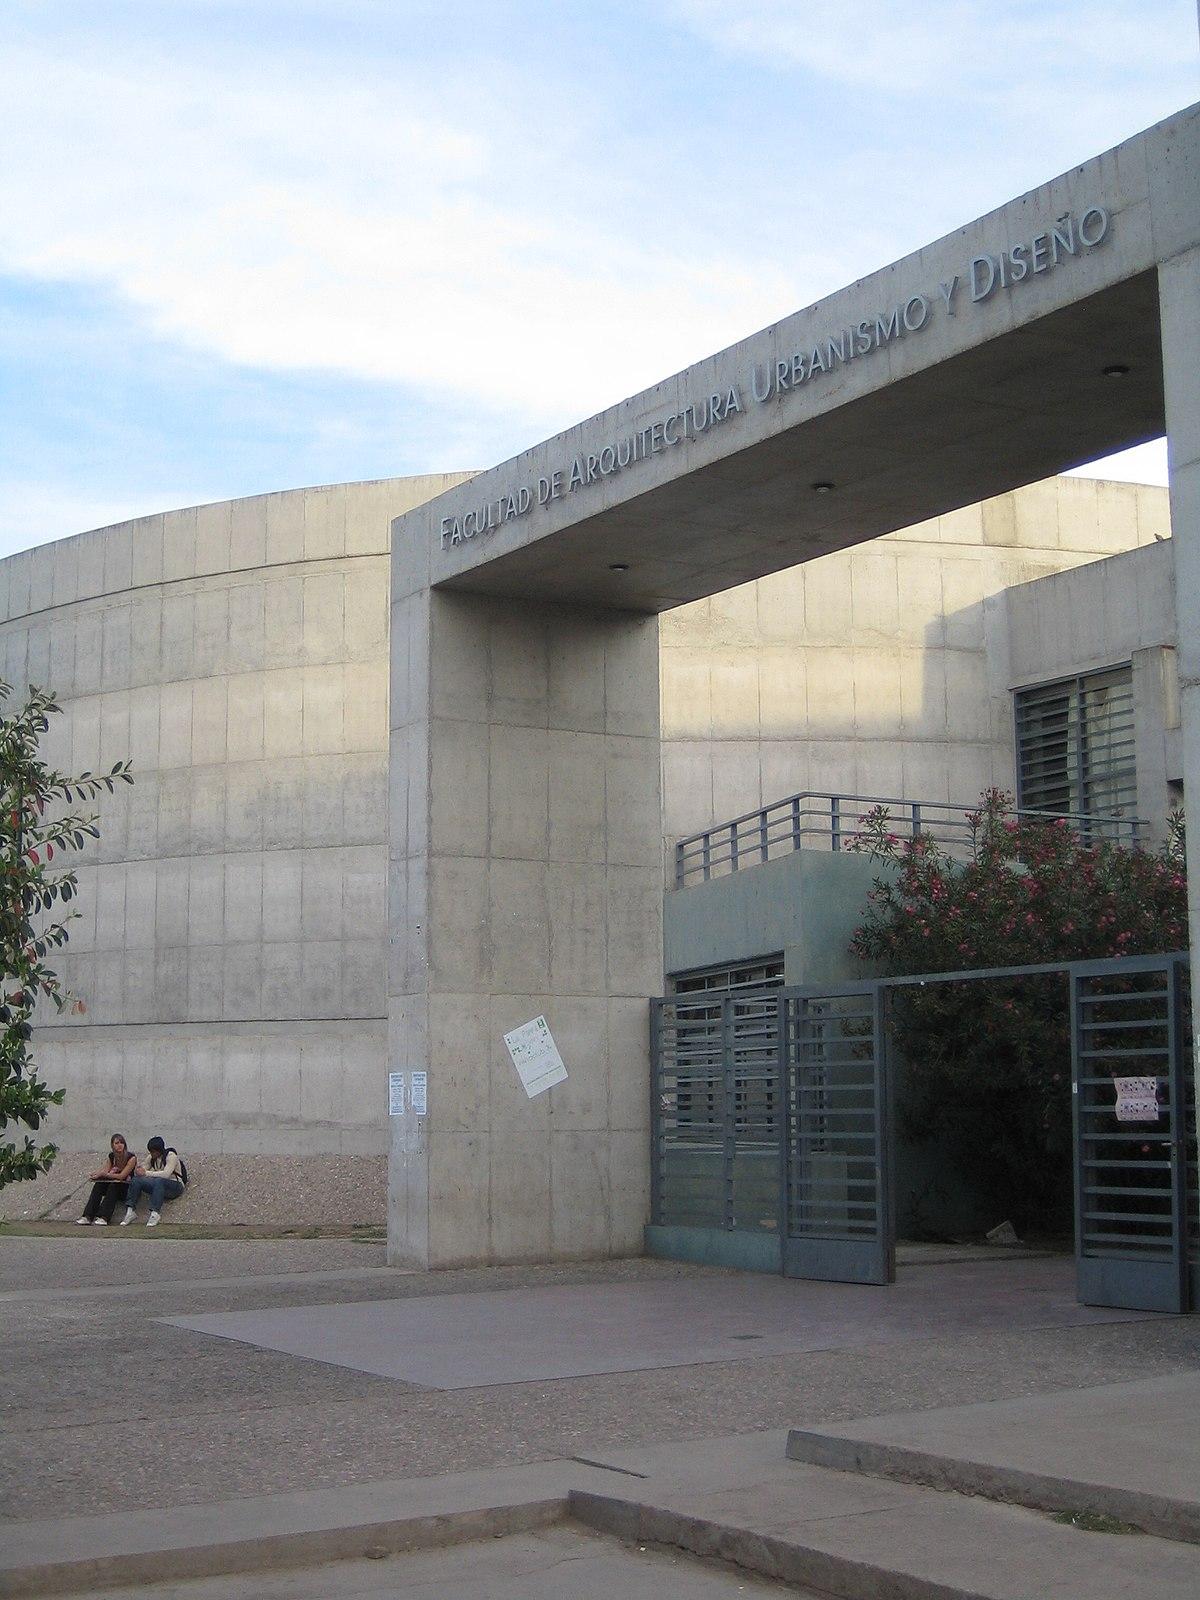 Facultad de arquitectura urbanismo y dise o universidad for Arquitectura de interiores universidades